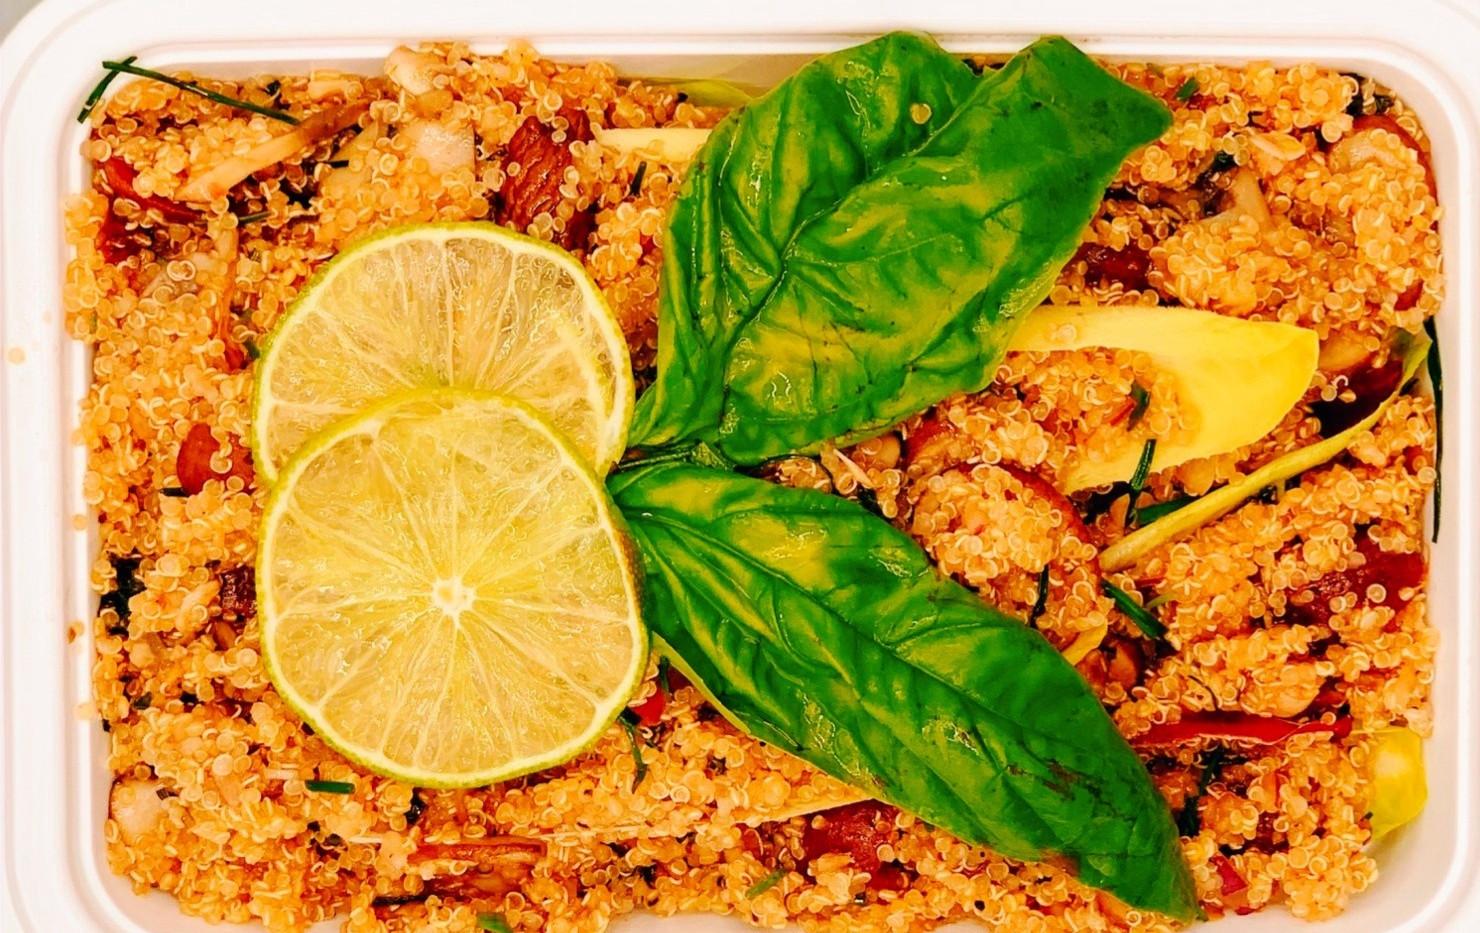 Endive quinoa salad